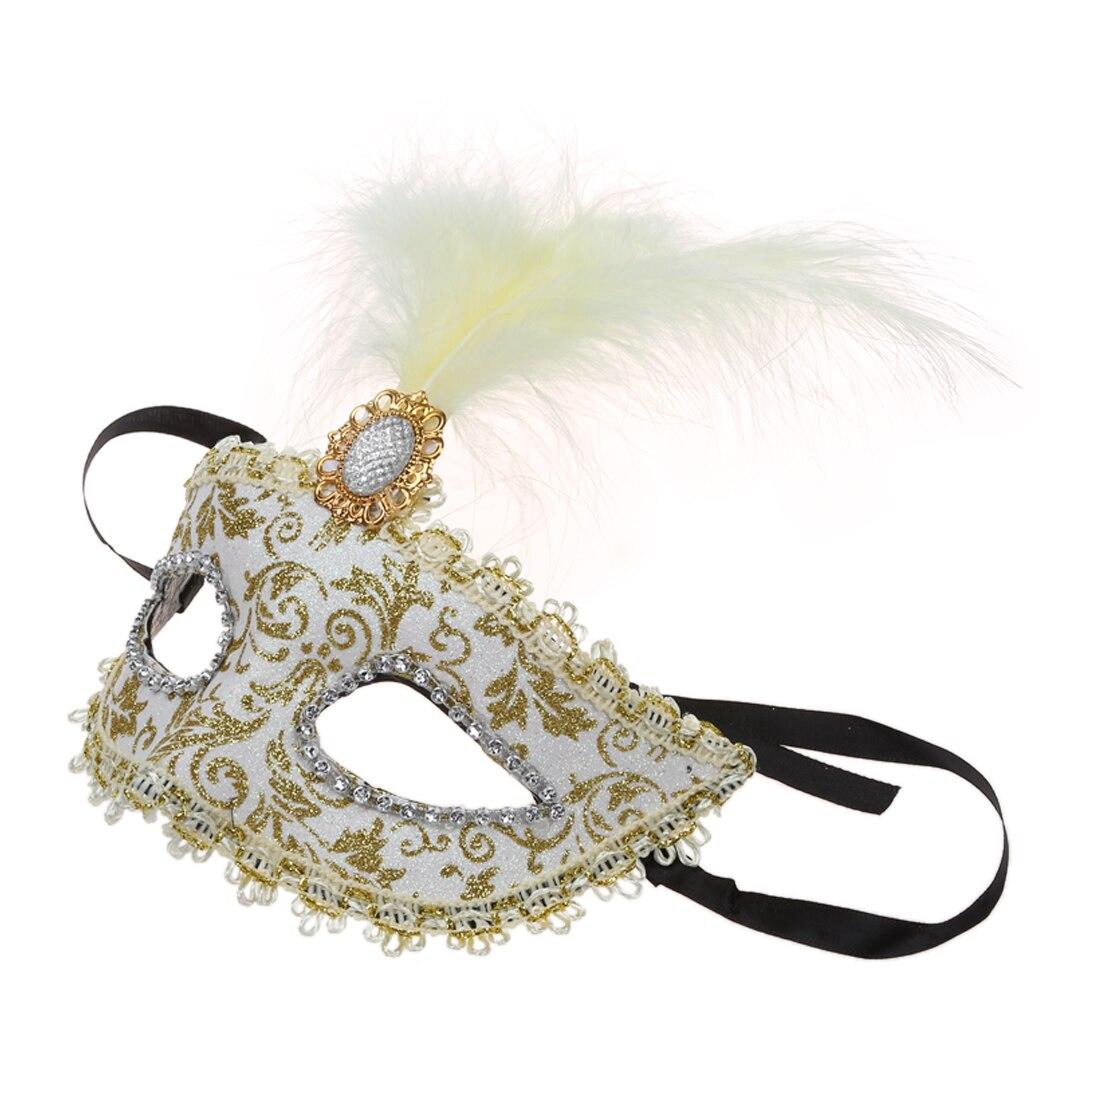 d77b37ed648eb ᗗMáscara Máscara com Penas Estilo Veneziano Ouro Branco X Festa de .